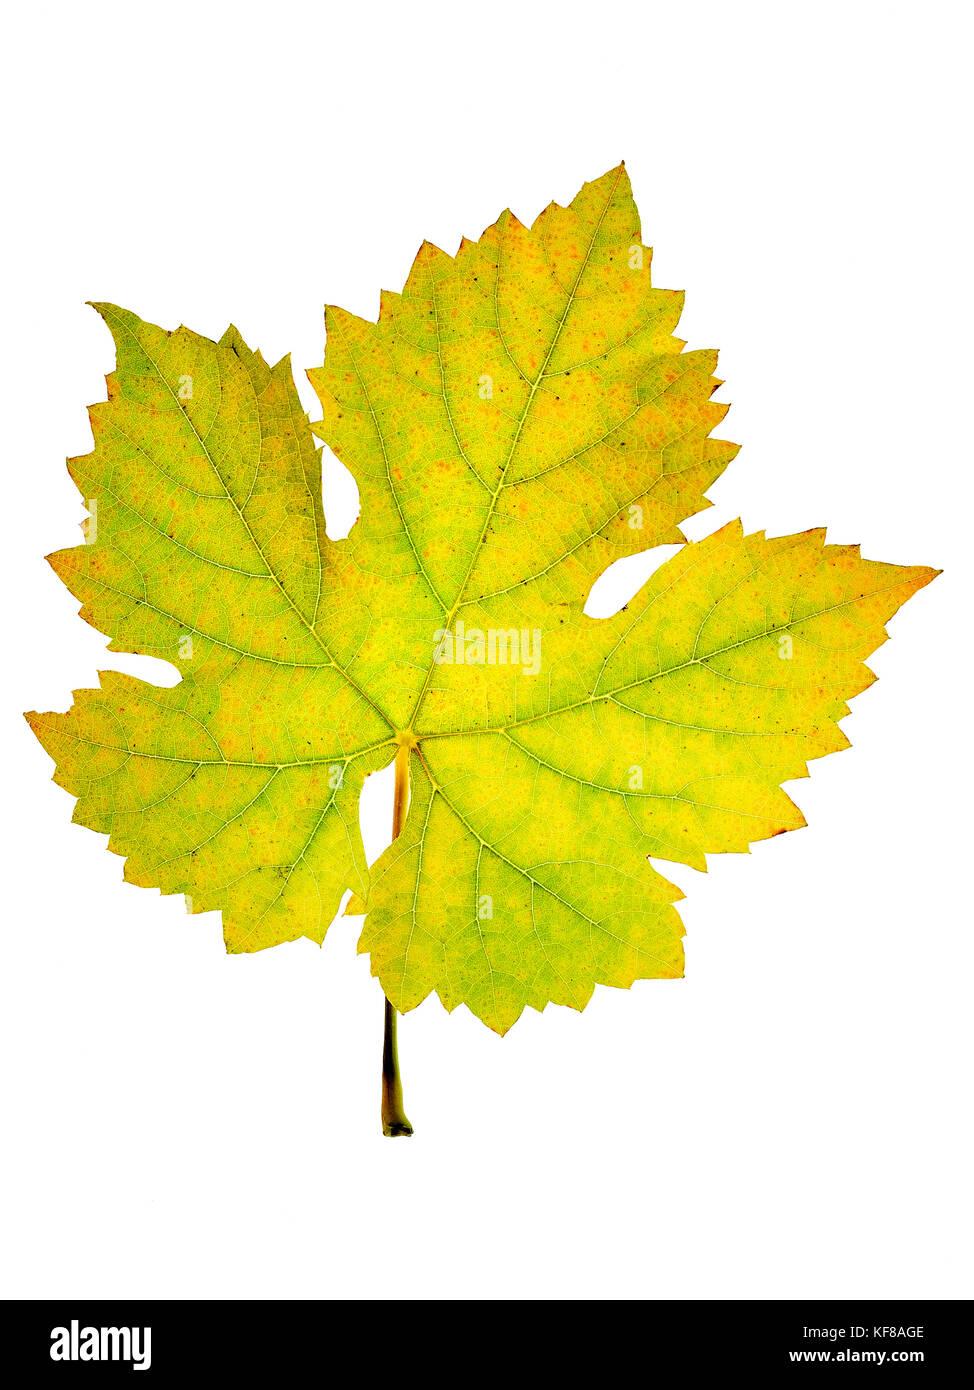 Detalle de la estructura de un amarillamiento de hojas de vid, cosecha en otoño Foto de stock